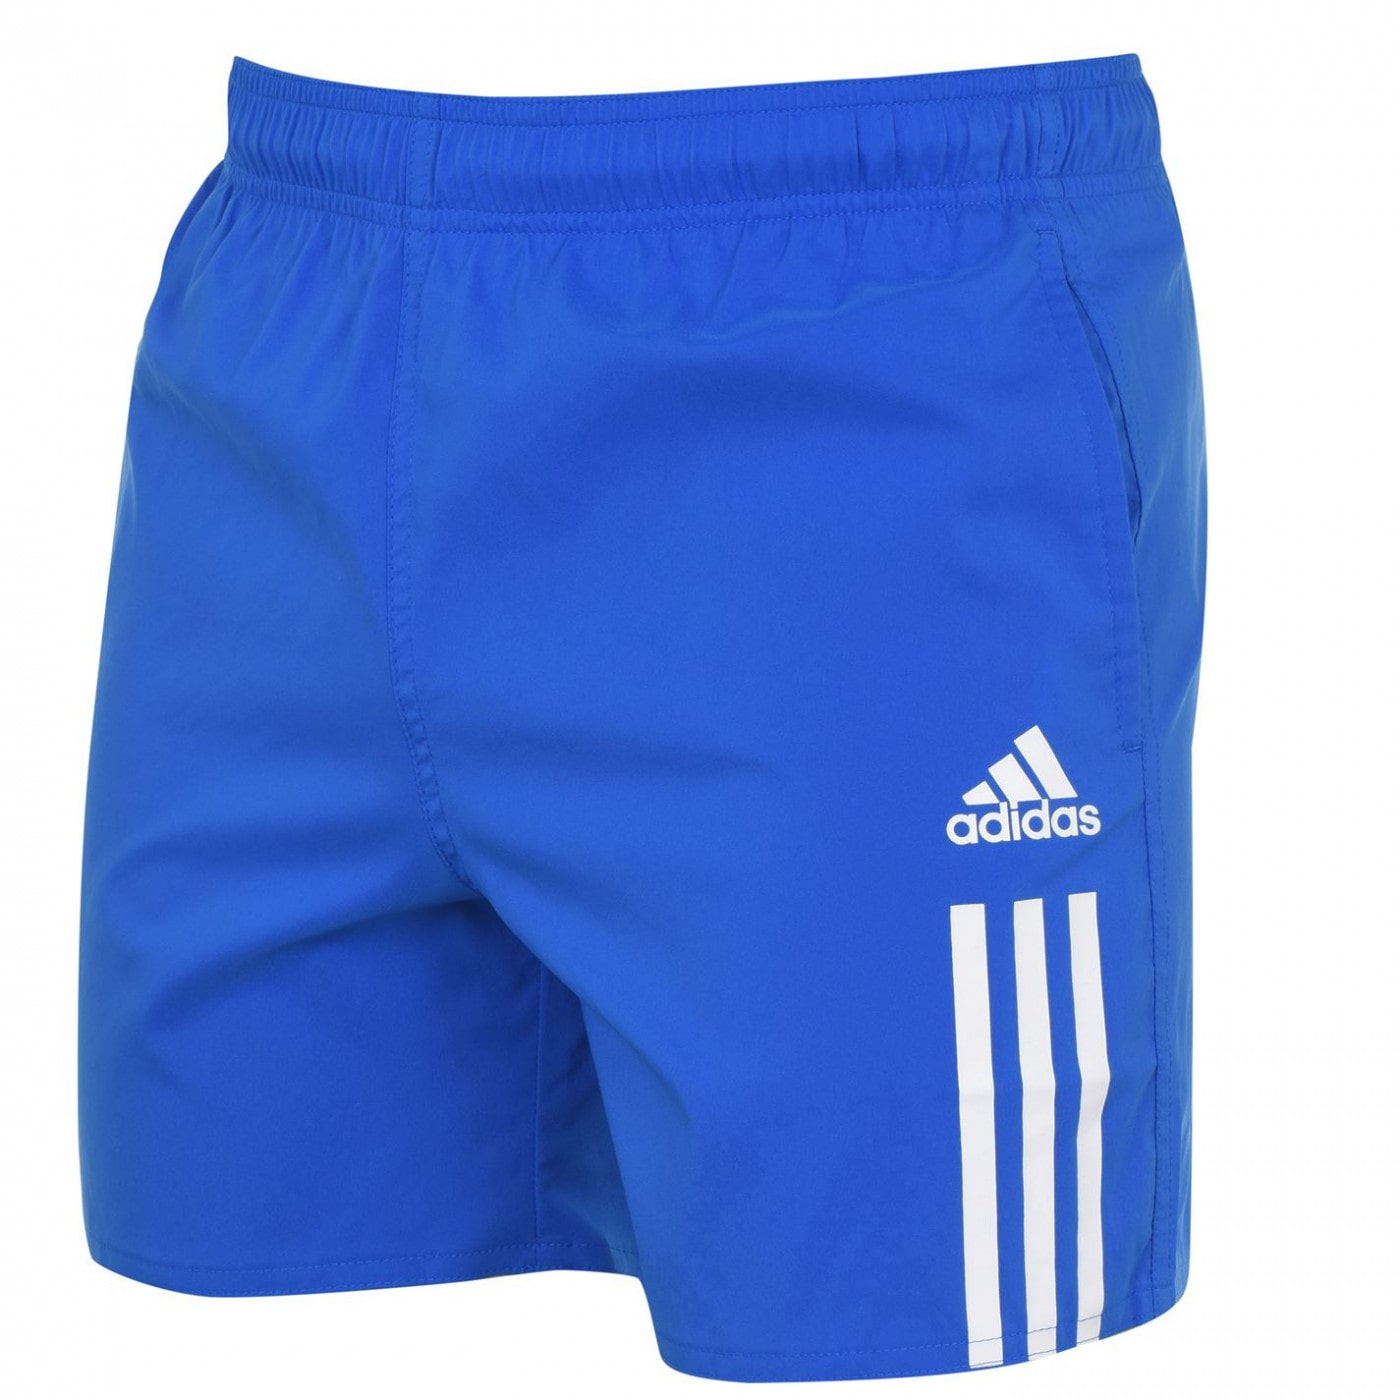 Adidas 3S Swim Sht Sn03